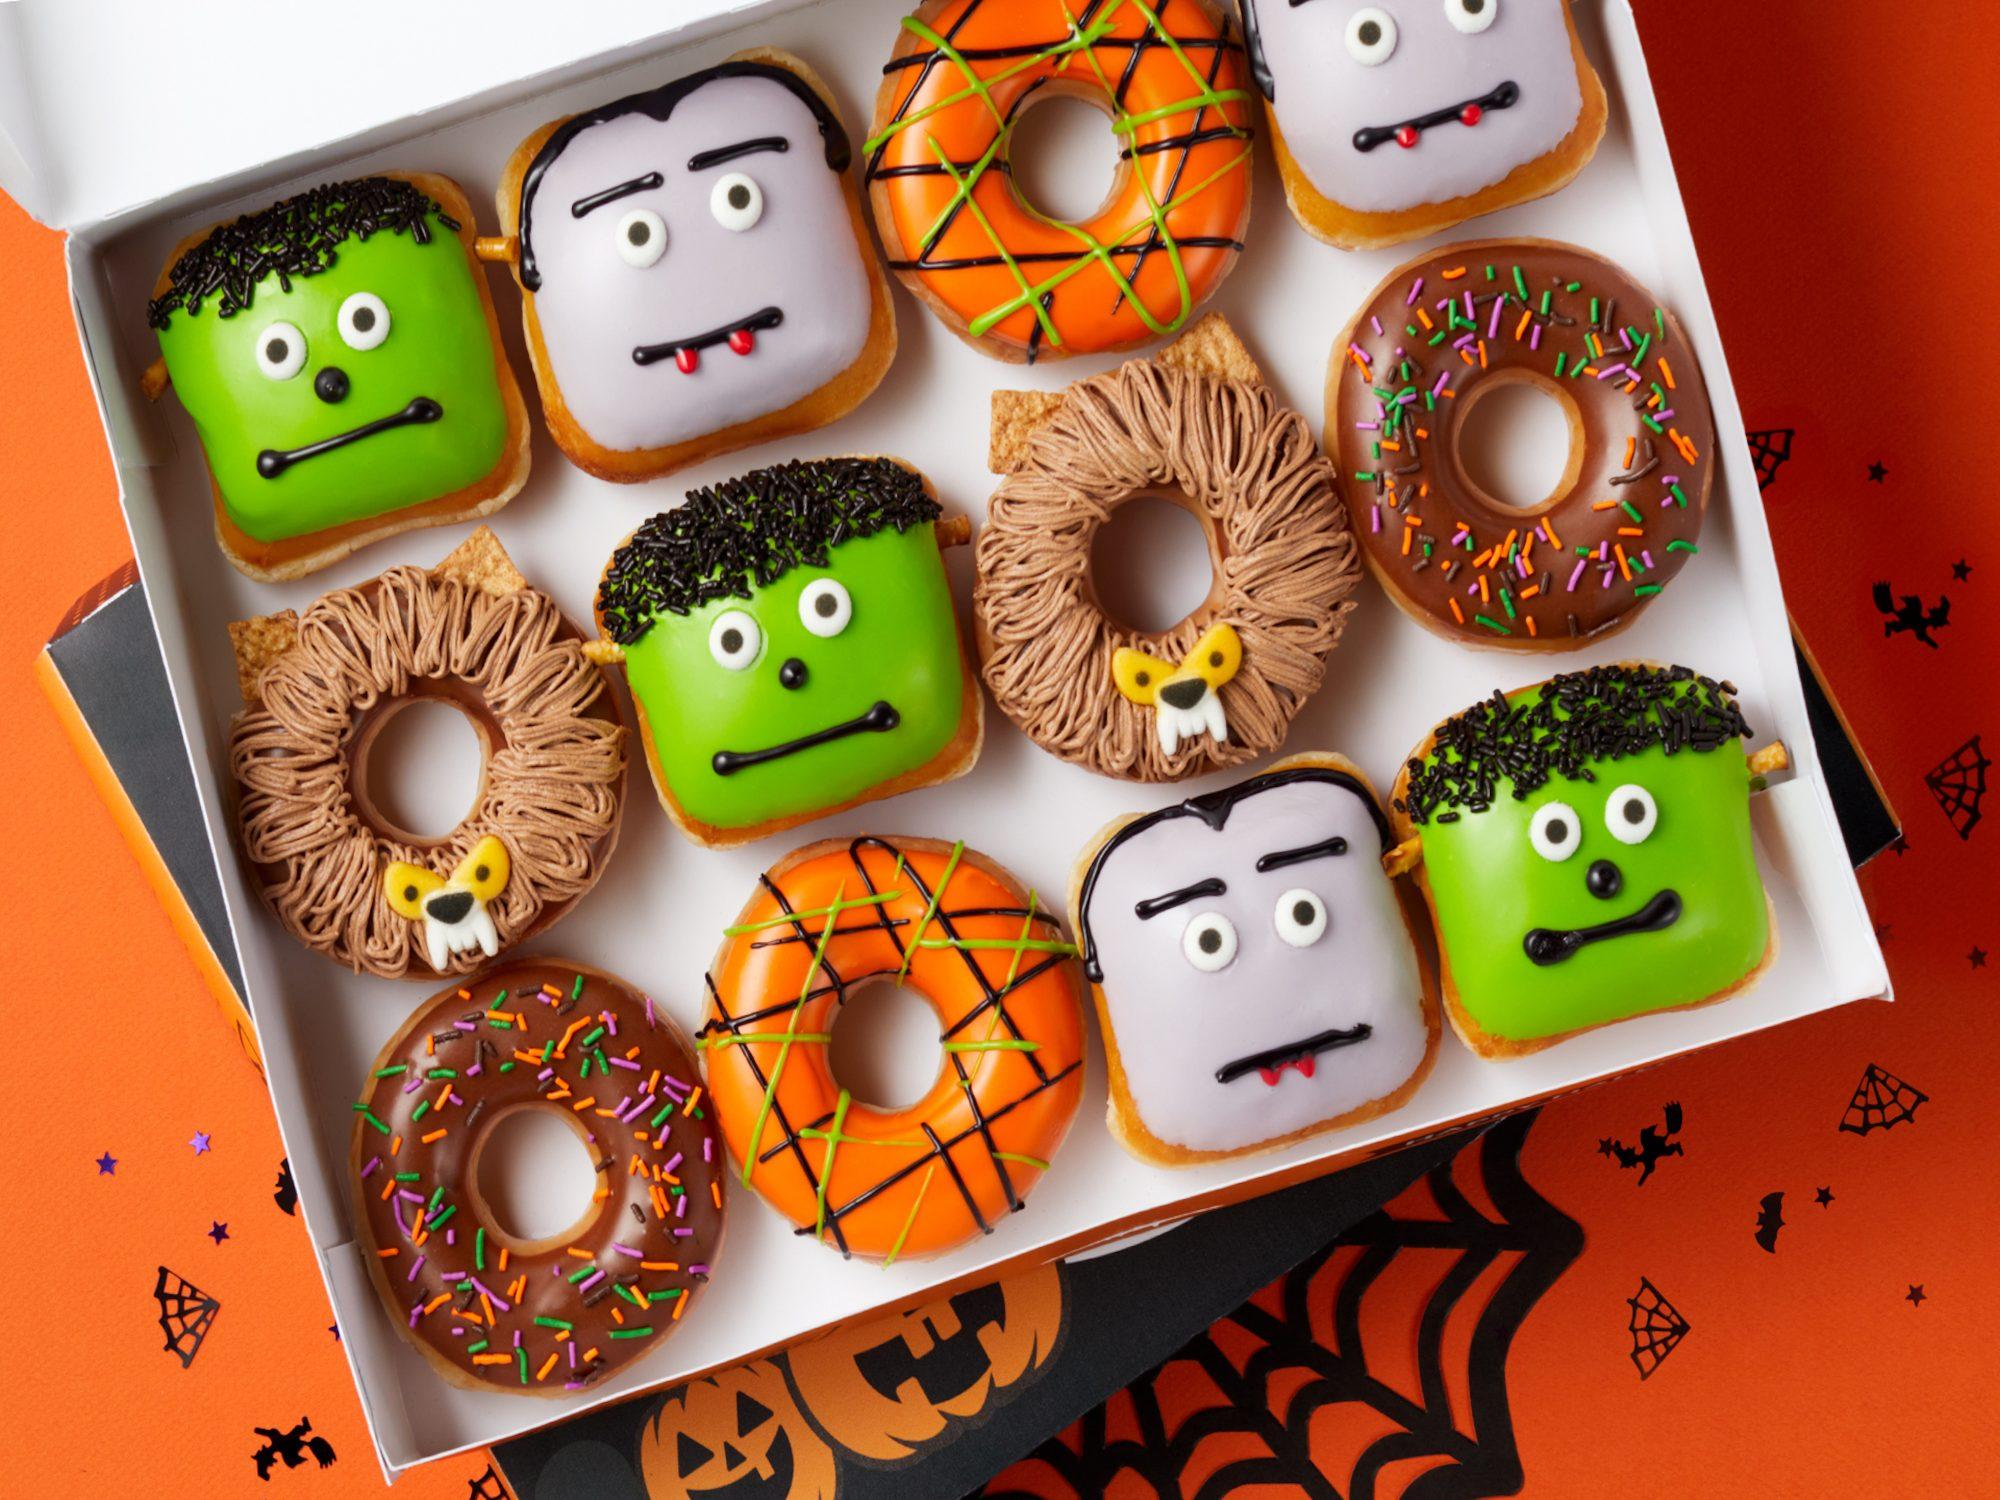 Krispy Kreme Halloween Dozen.jpg